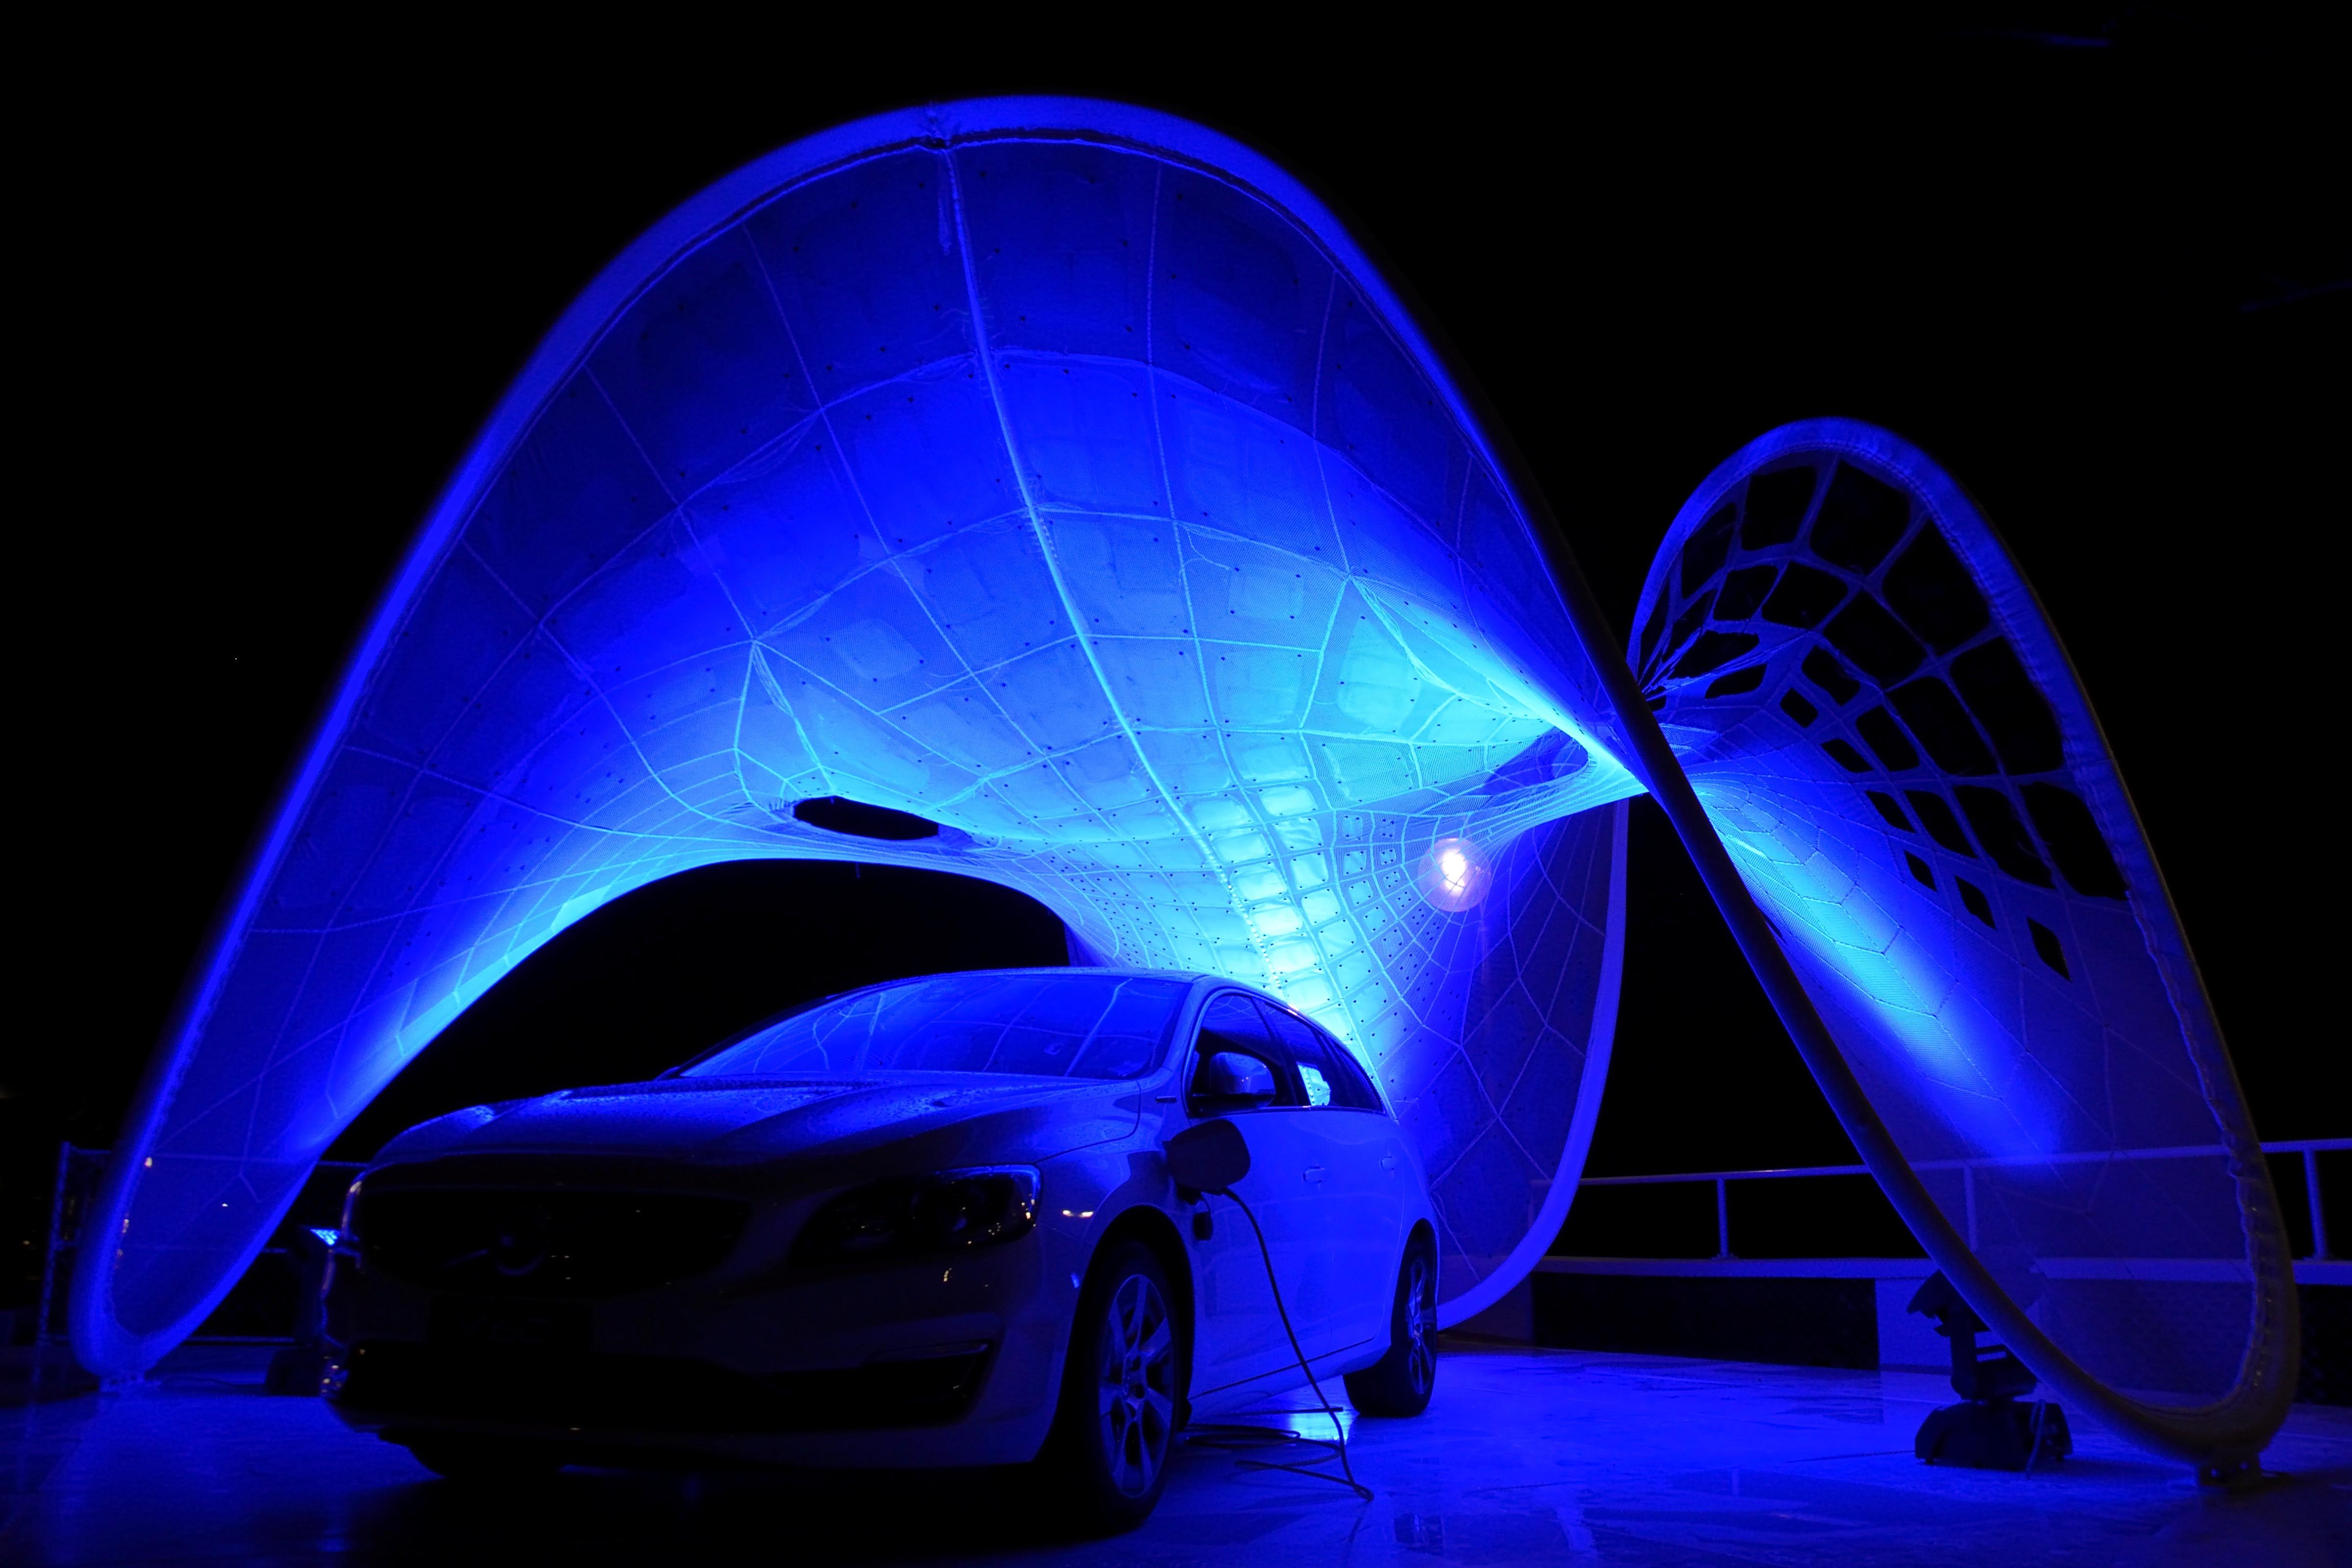 Volvo Vision 2020 al forum degli architetti di Venezia